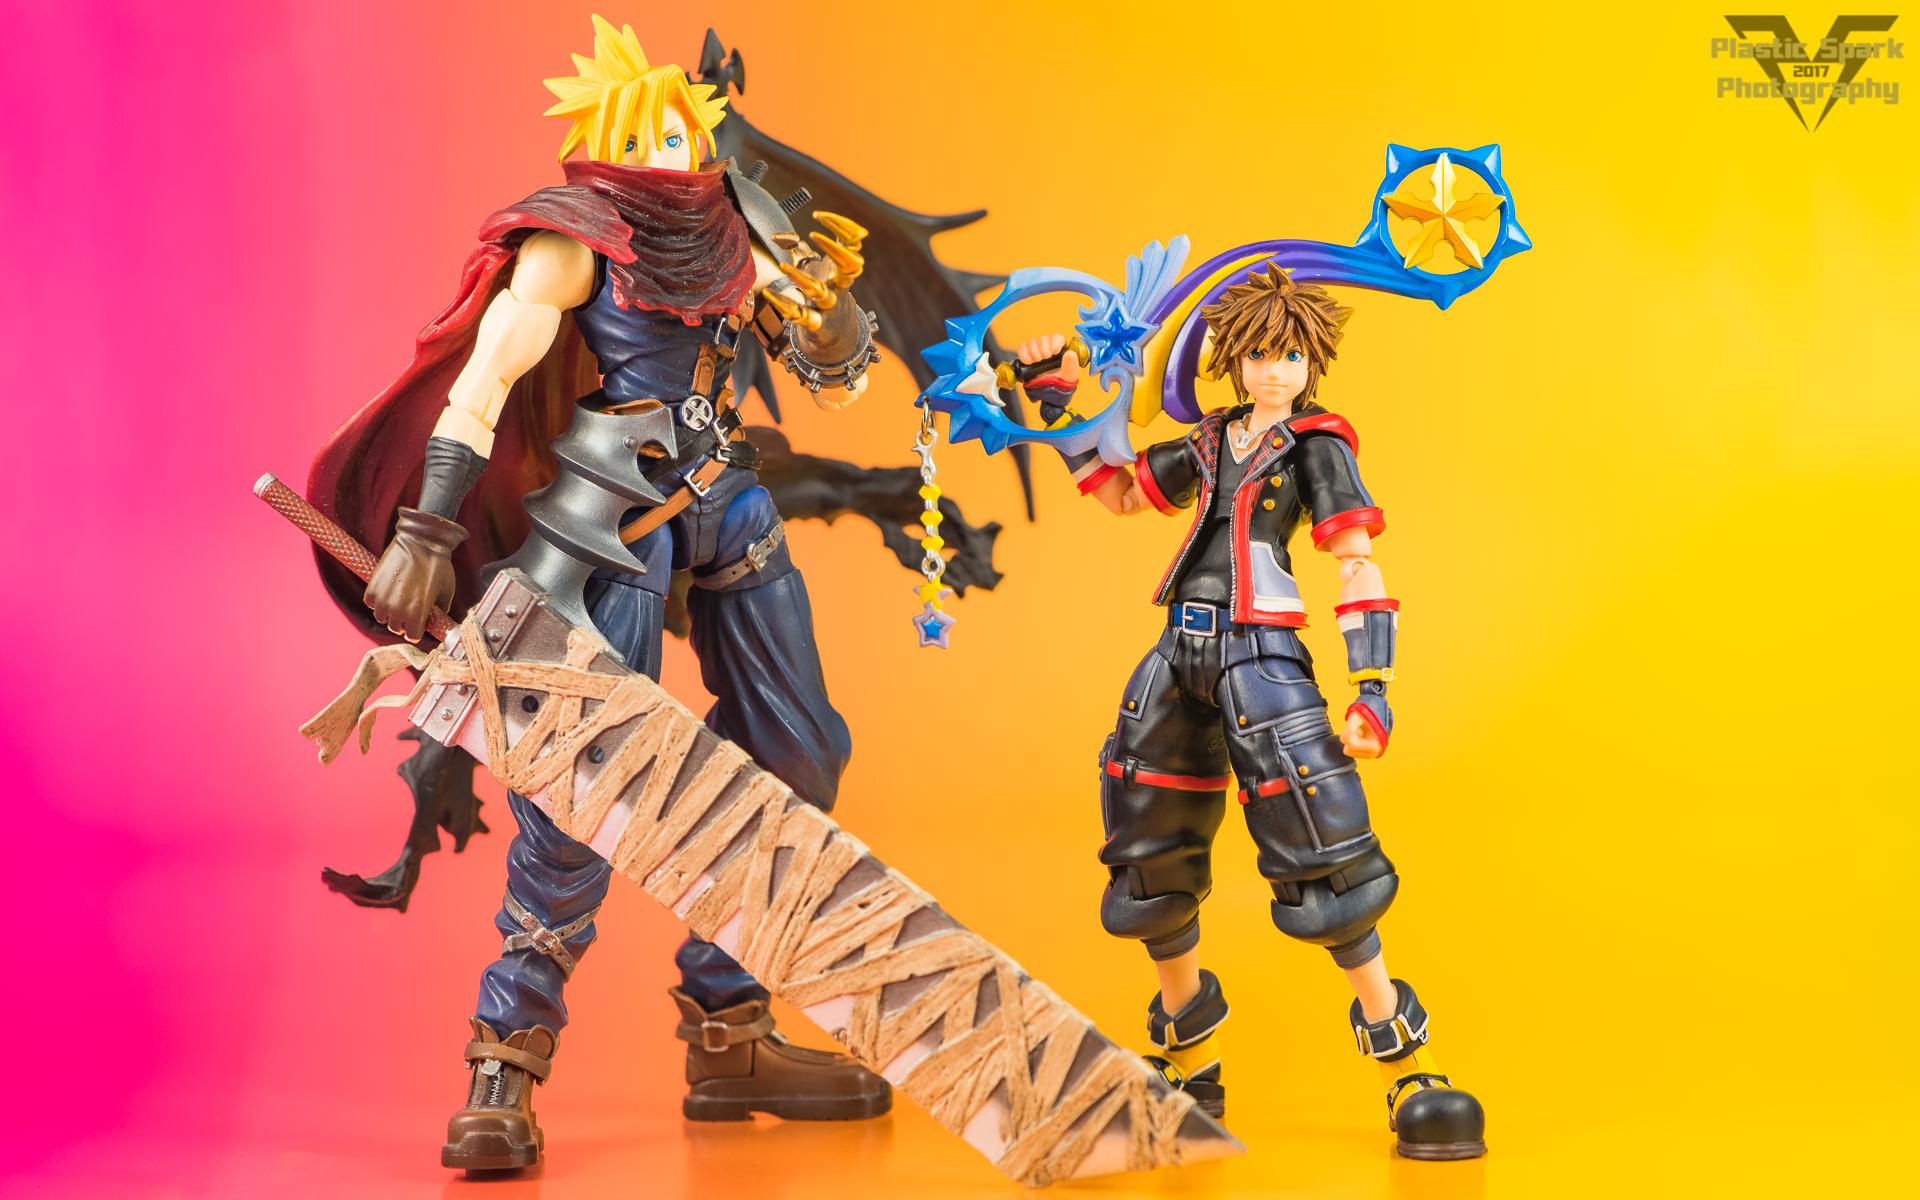 Square-Enix-Bring-Arts-Sora-(26-of-31).png